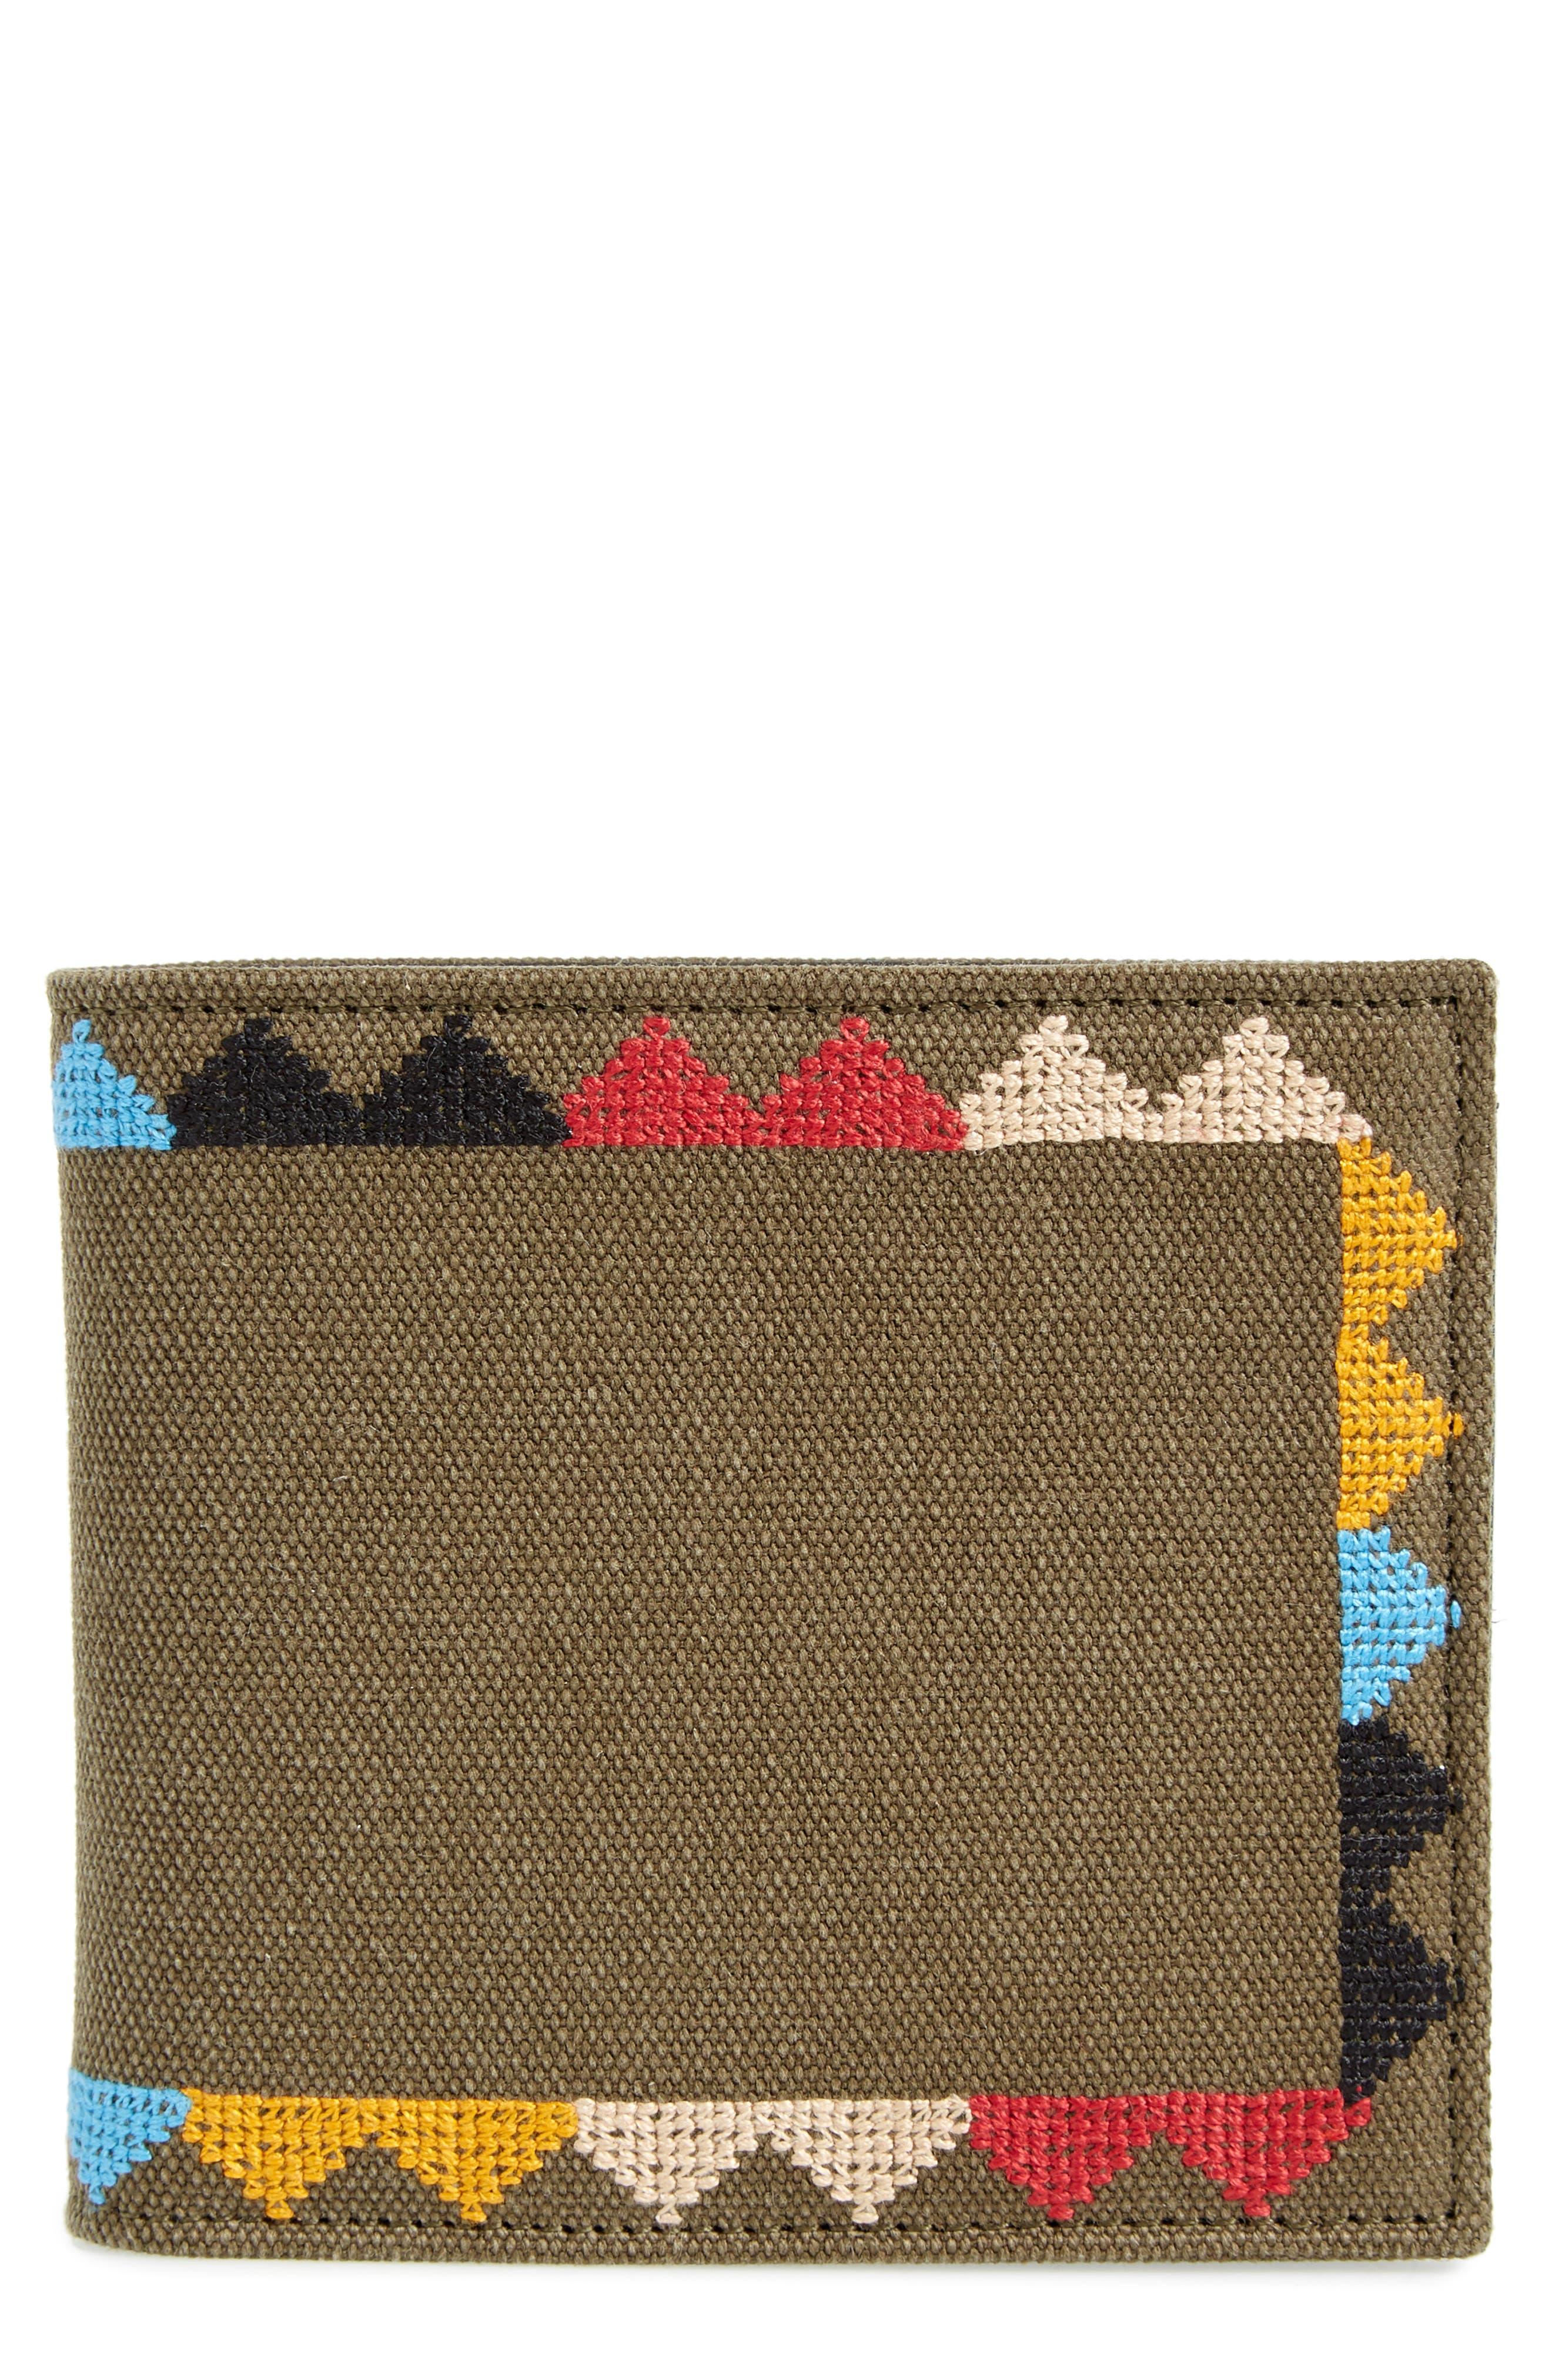 GARAVANI Canvas Wallet,                         Main,                         color, L90 Olive